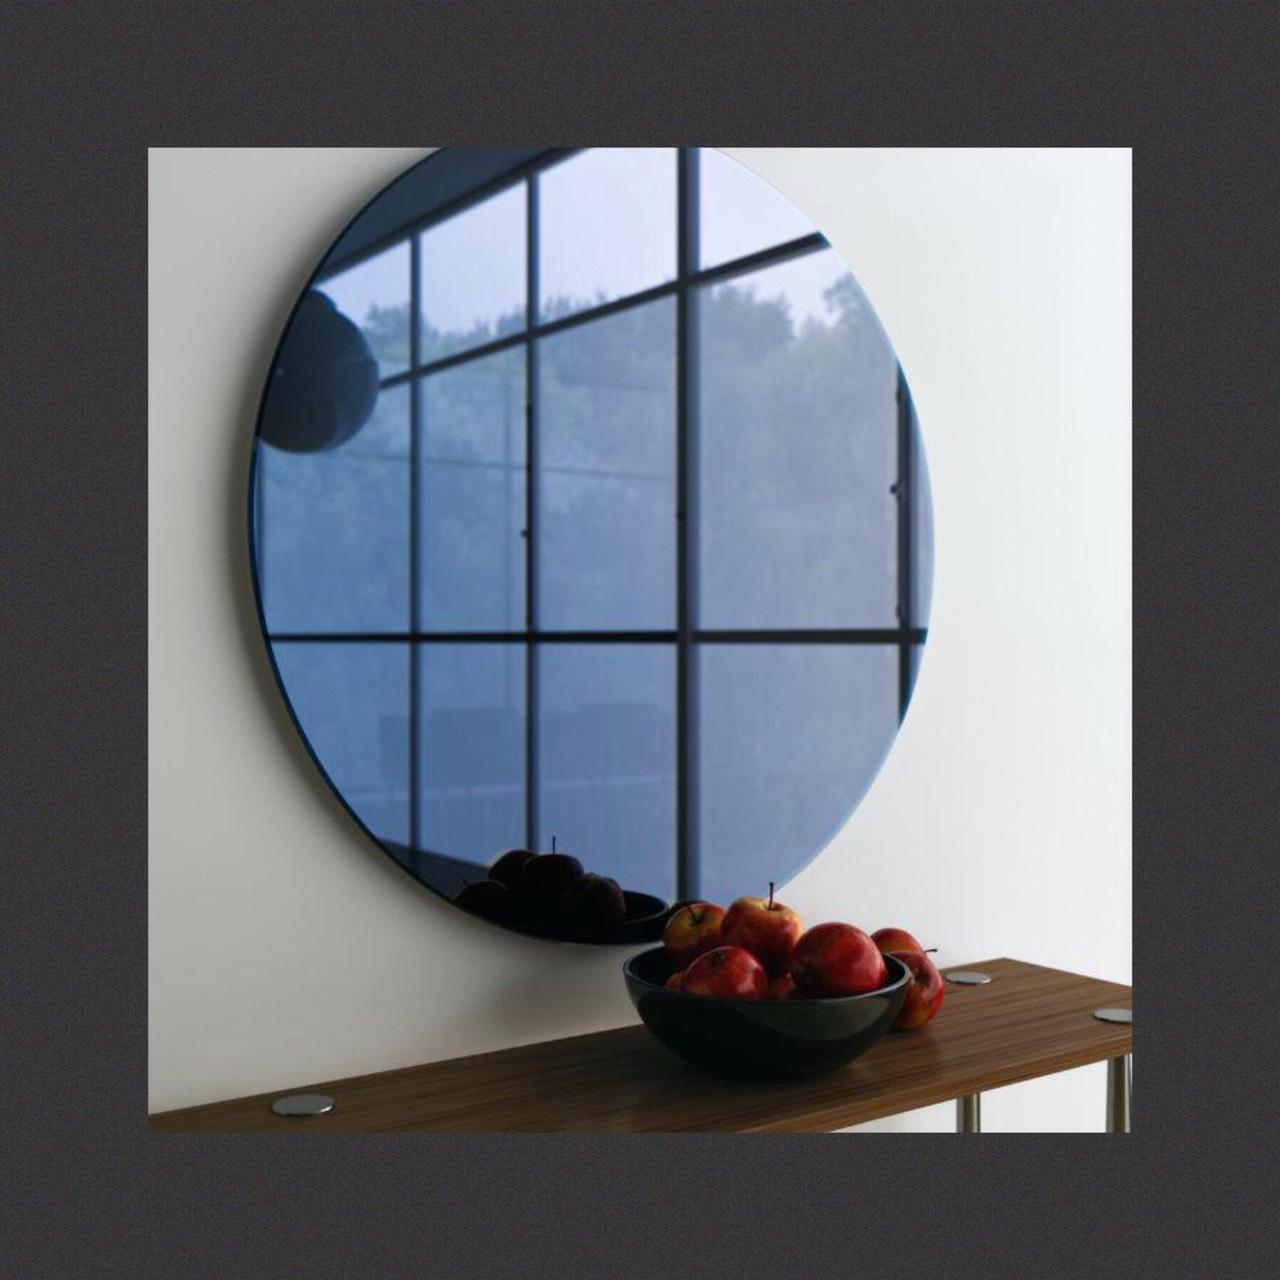 กระจกเงาสีเทาฟ้า Blue Grey Mirror